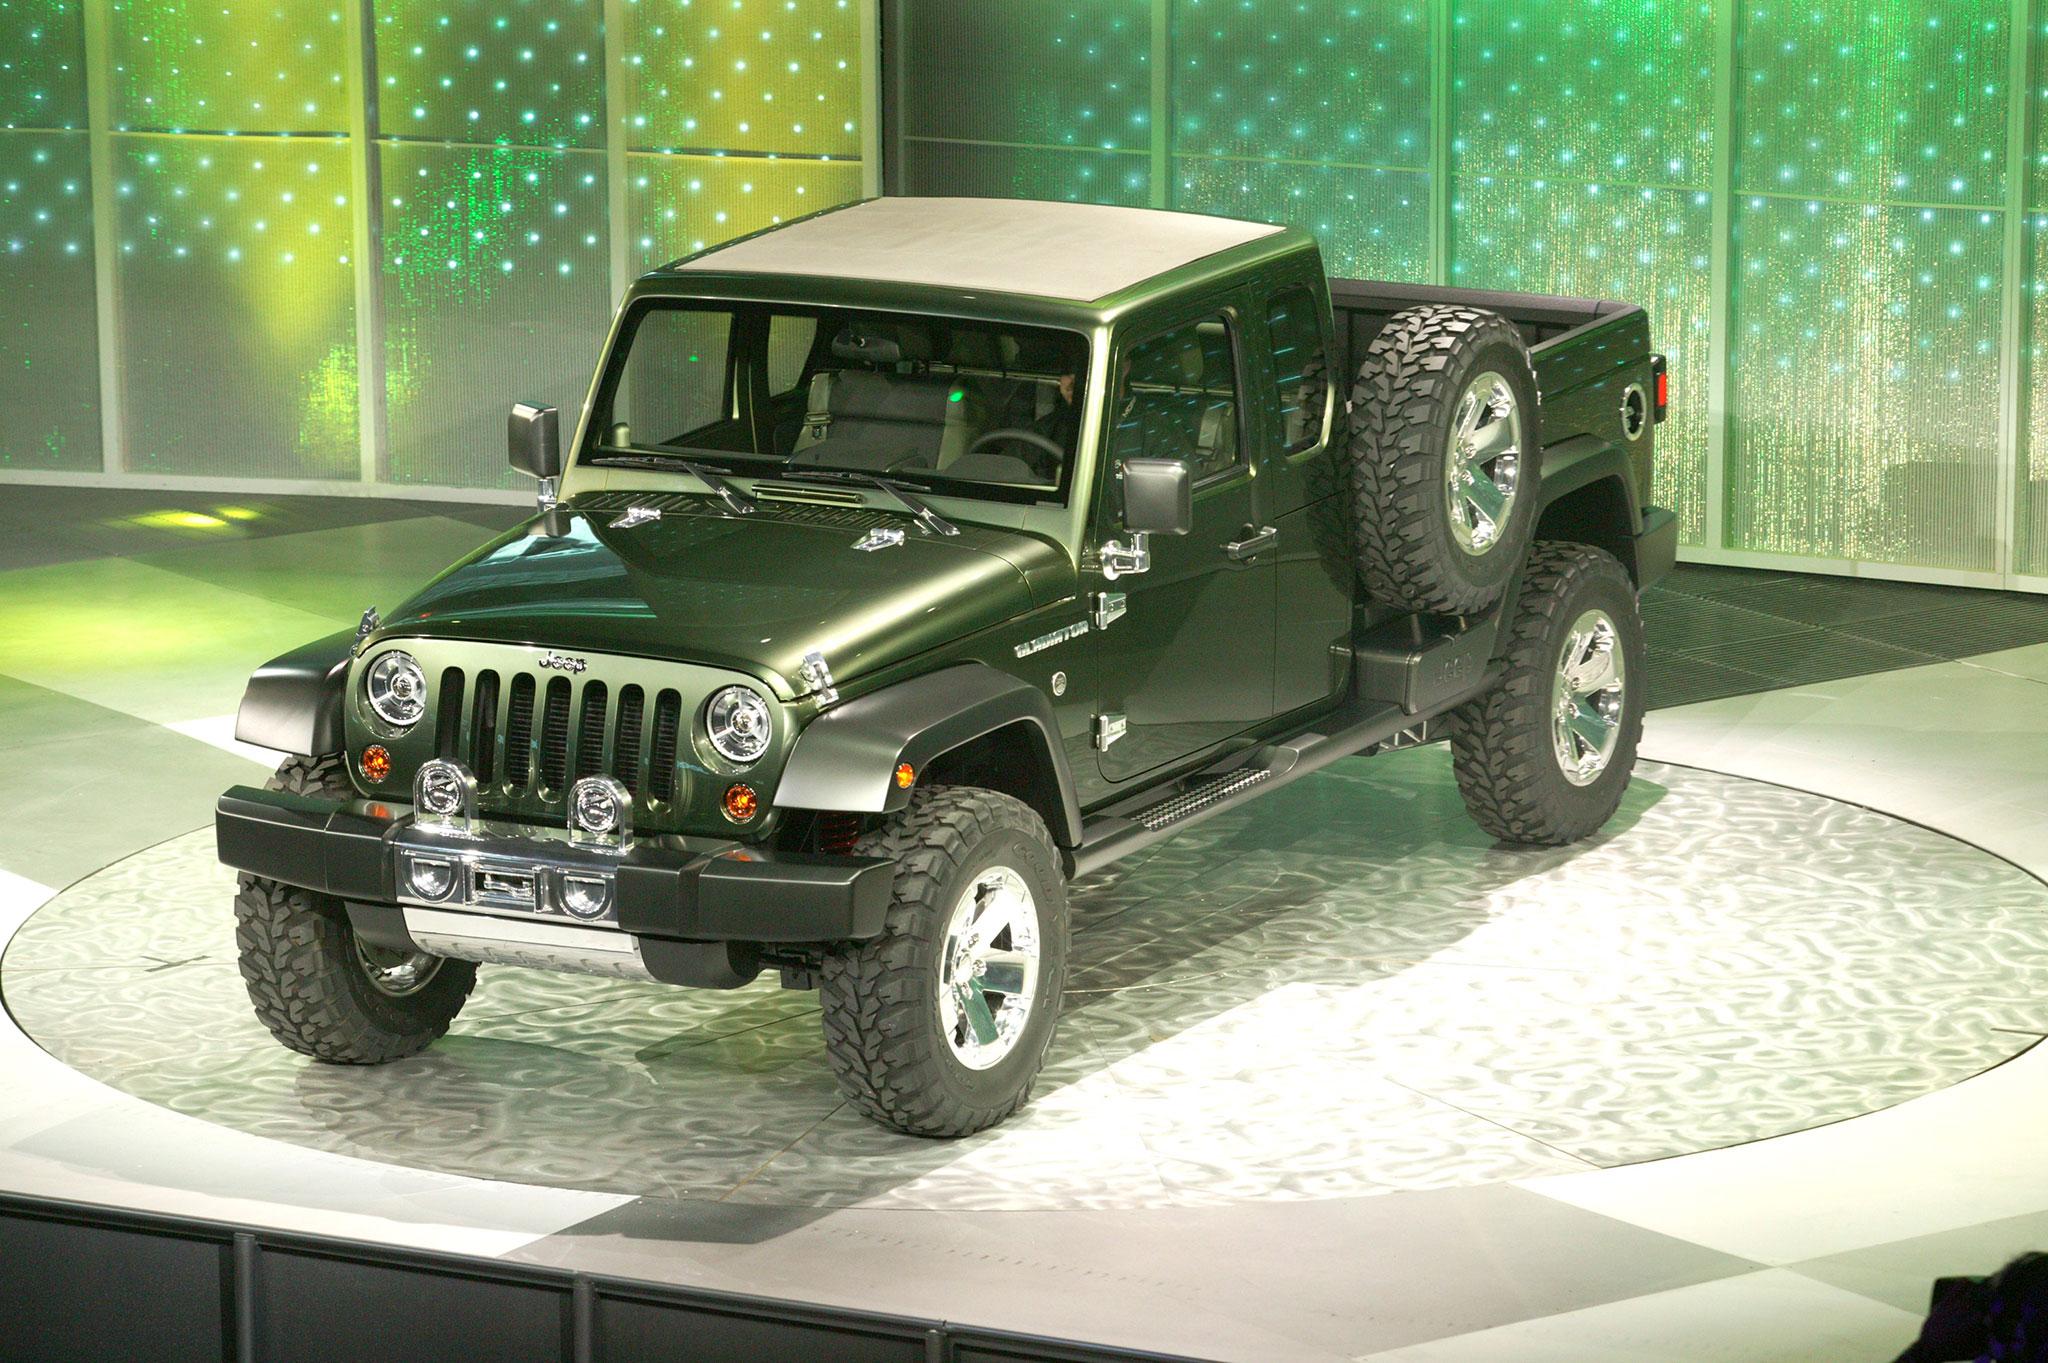 2005 Jeep Gladiator Concept présentation Salon de Detroit janvier 2005Concept Cars de Jeep®.